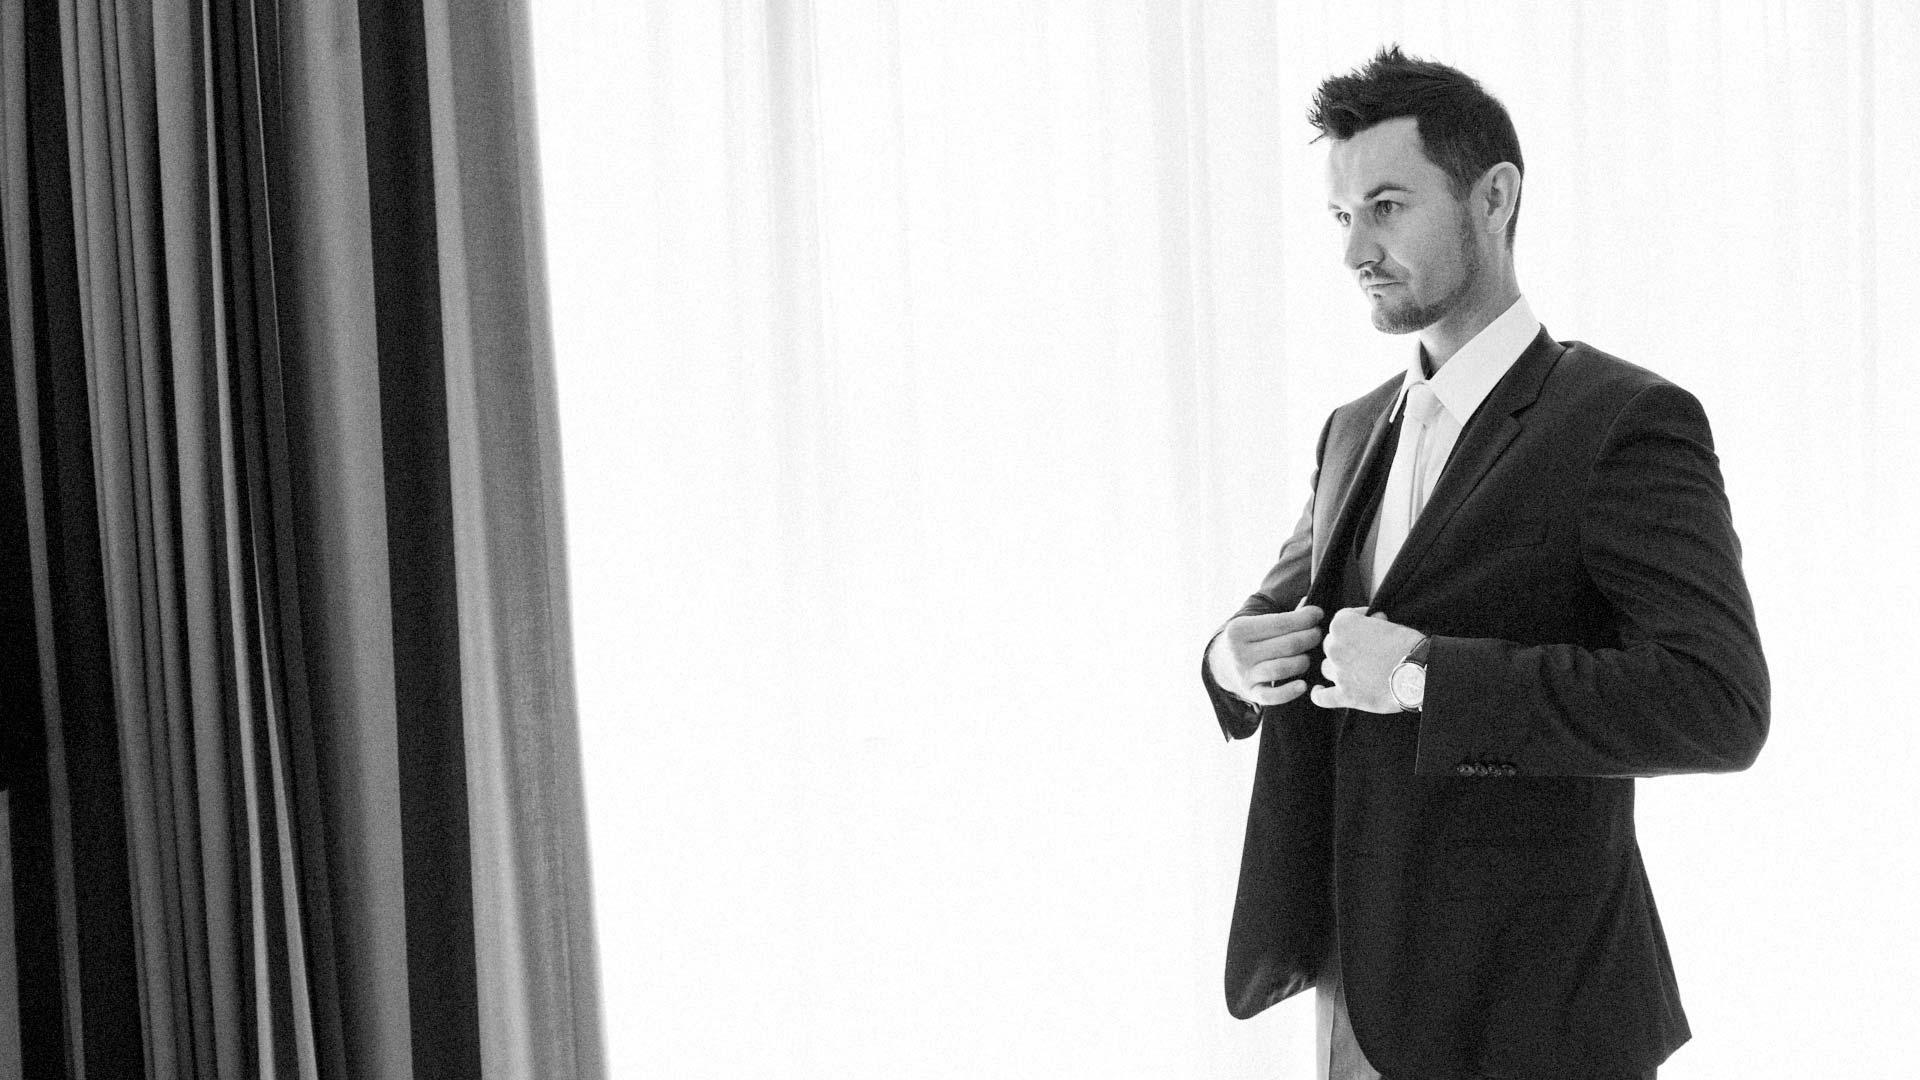 preparazione_dello_sposo_fotografo_matrimonio_varese_como_milano_ticino